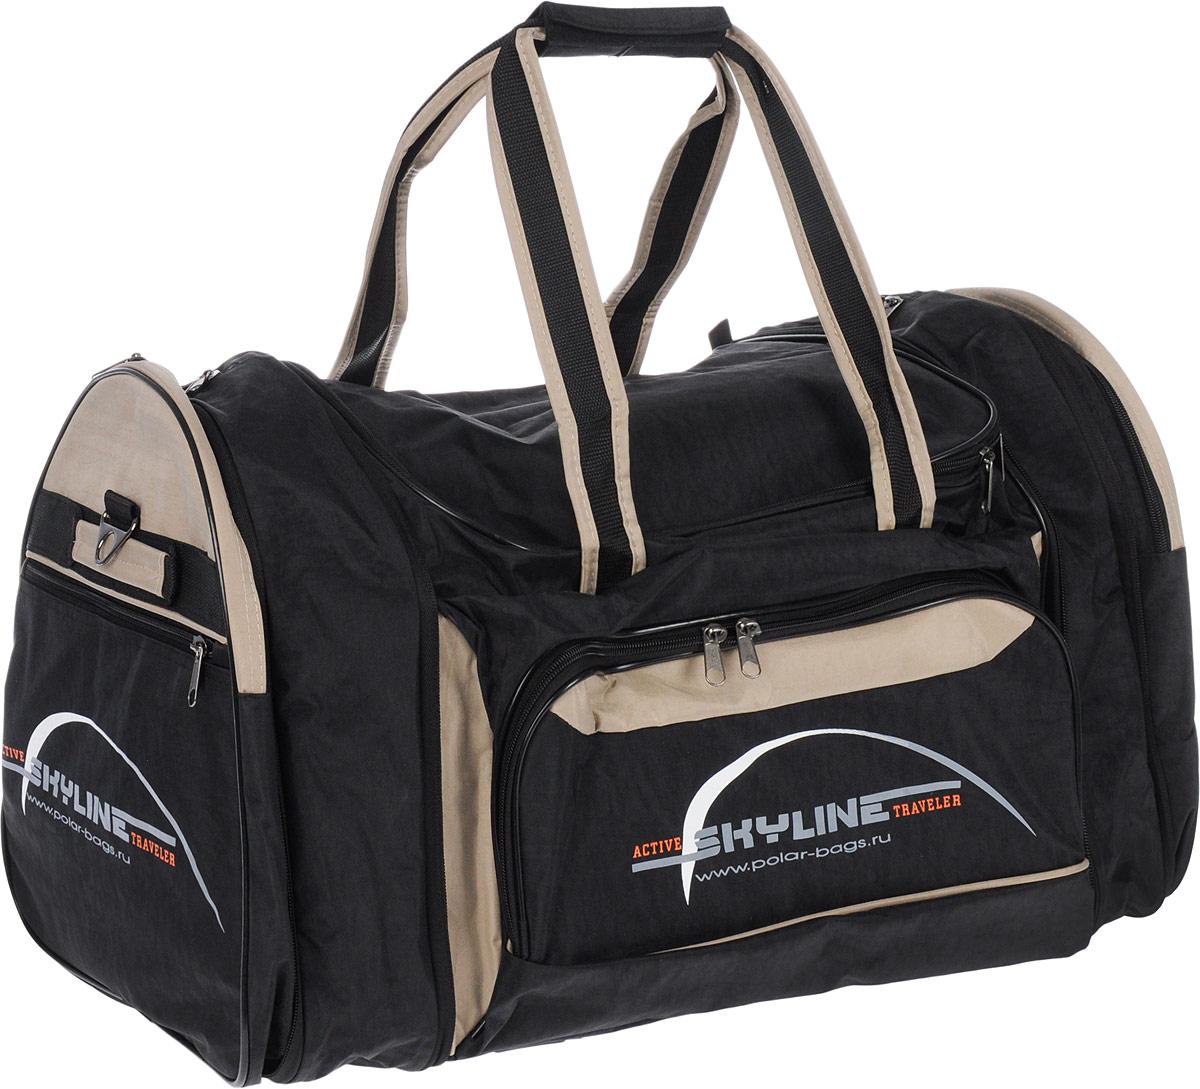 Сумка спортивная Polar, цвет: черный, бежевый, 66,5 л. 6069.1751415Материал – полиэстер с водоотталкивающей пропиткой. Вместительная спортивная сумка среднего размера. Внутри - один отдел, два боковых кармана и карман на передней части. В комплект входит съемный плечевой ремень. Эта сумка идеально подойдет для спорта и отдыха. Спортивная сумка для ваших вещей. Сумка раздвижная ,на 5 см по бокам сумки.